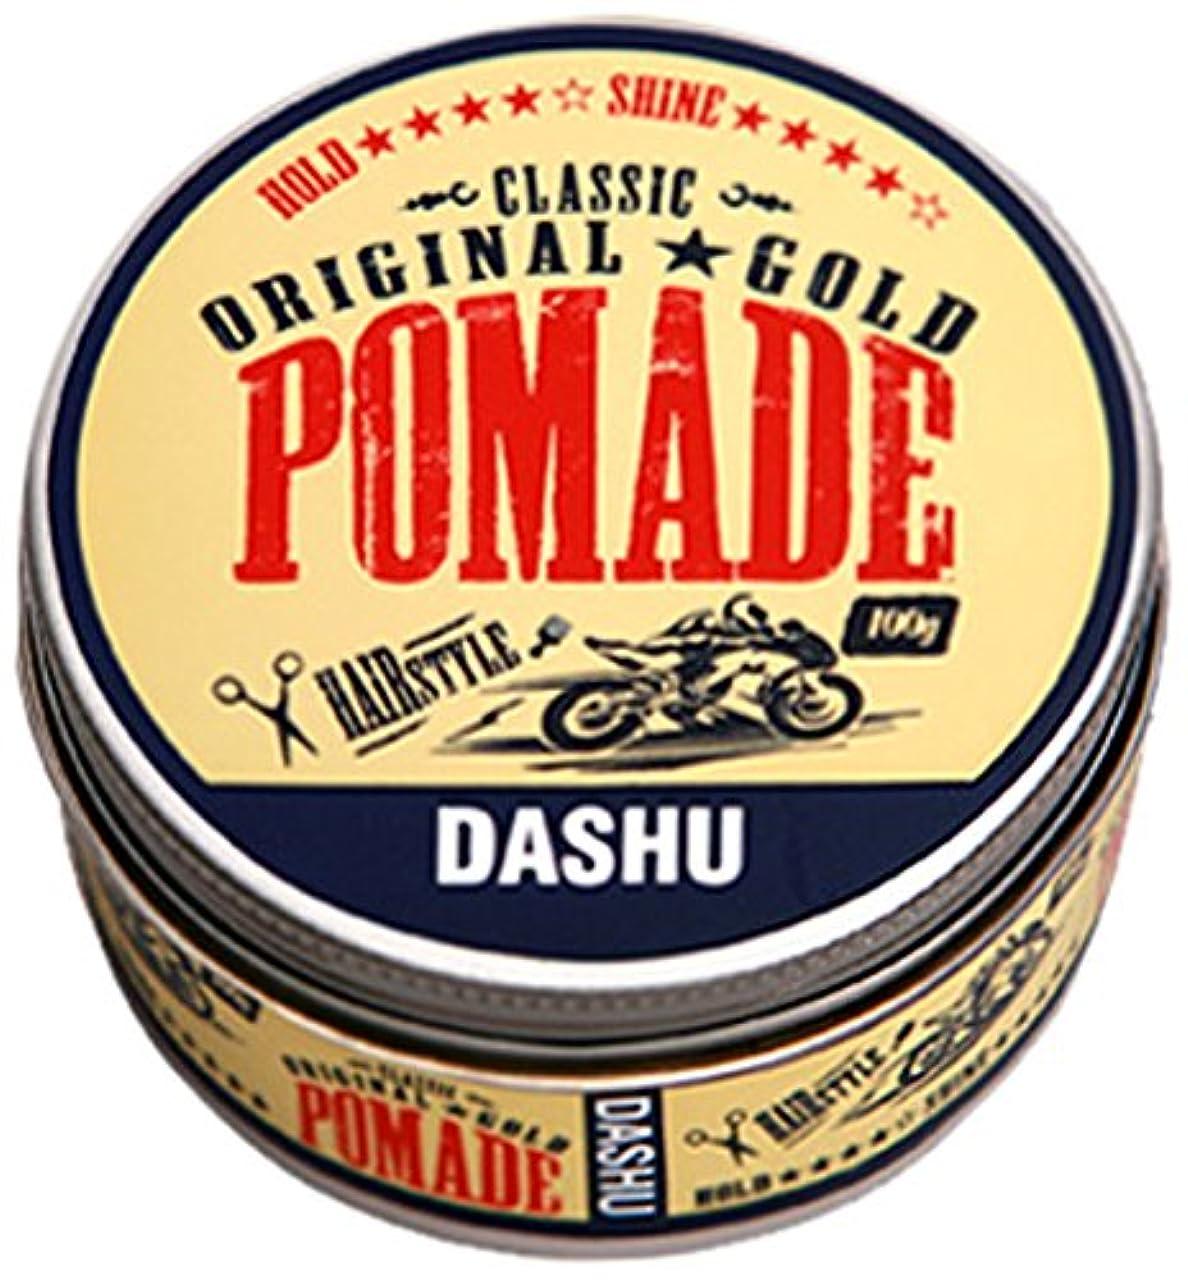 政治家与える北米[DASHU] ダシュ クラシックオリジナルゴールドポマードヘアワックス Classic Original Gold Pomade Hair Wax 100ml / 韓国製 . 韓国直送品